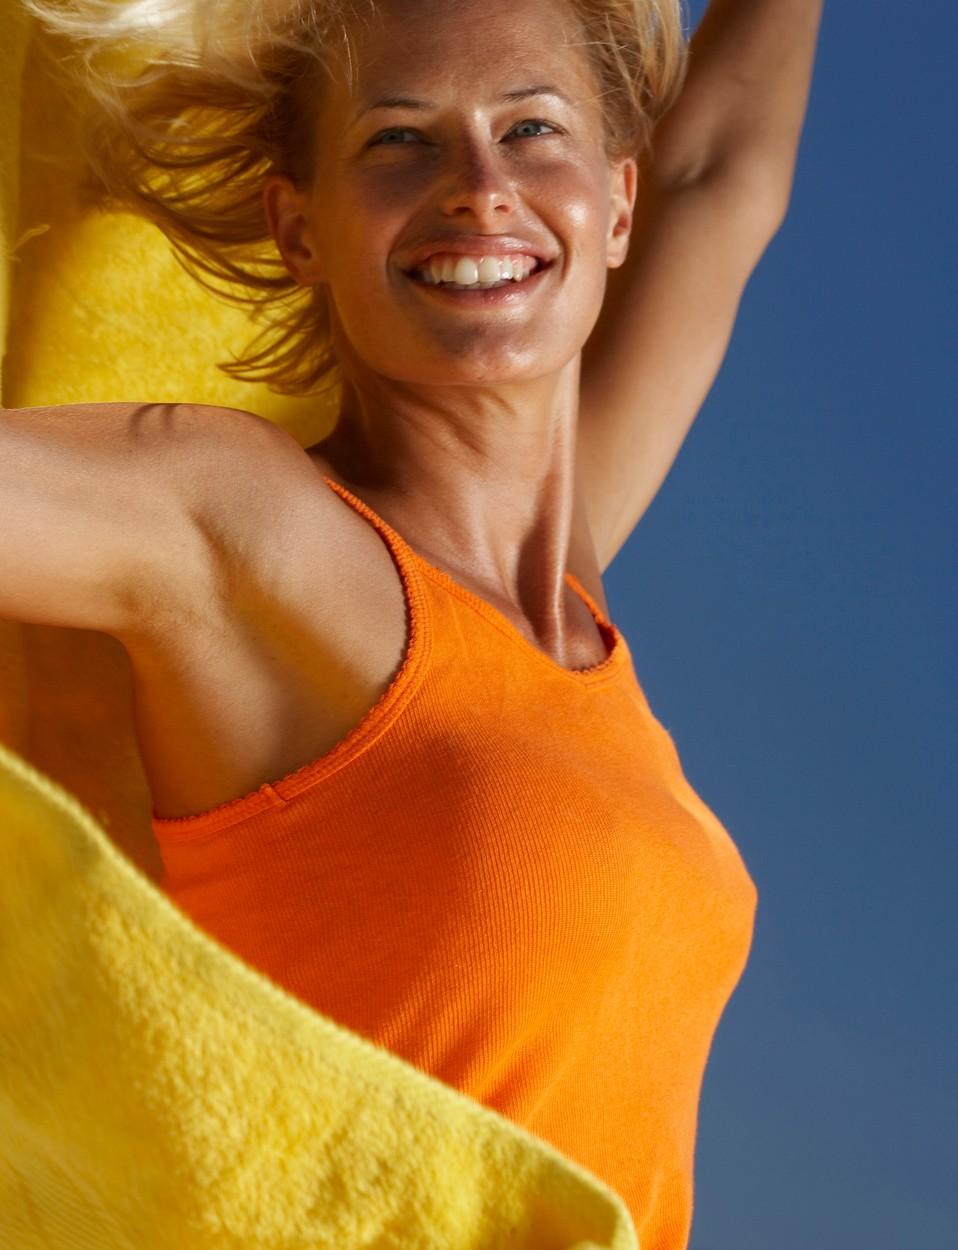 hogyan veszíthetem el a hónalj zsíromat